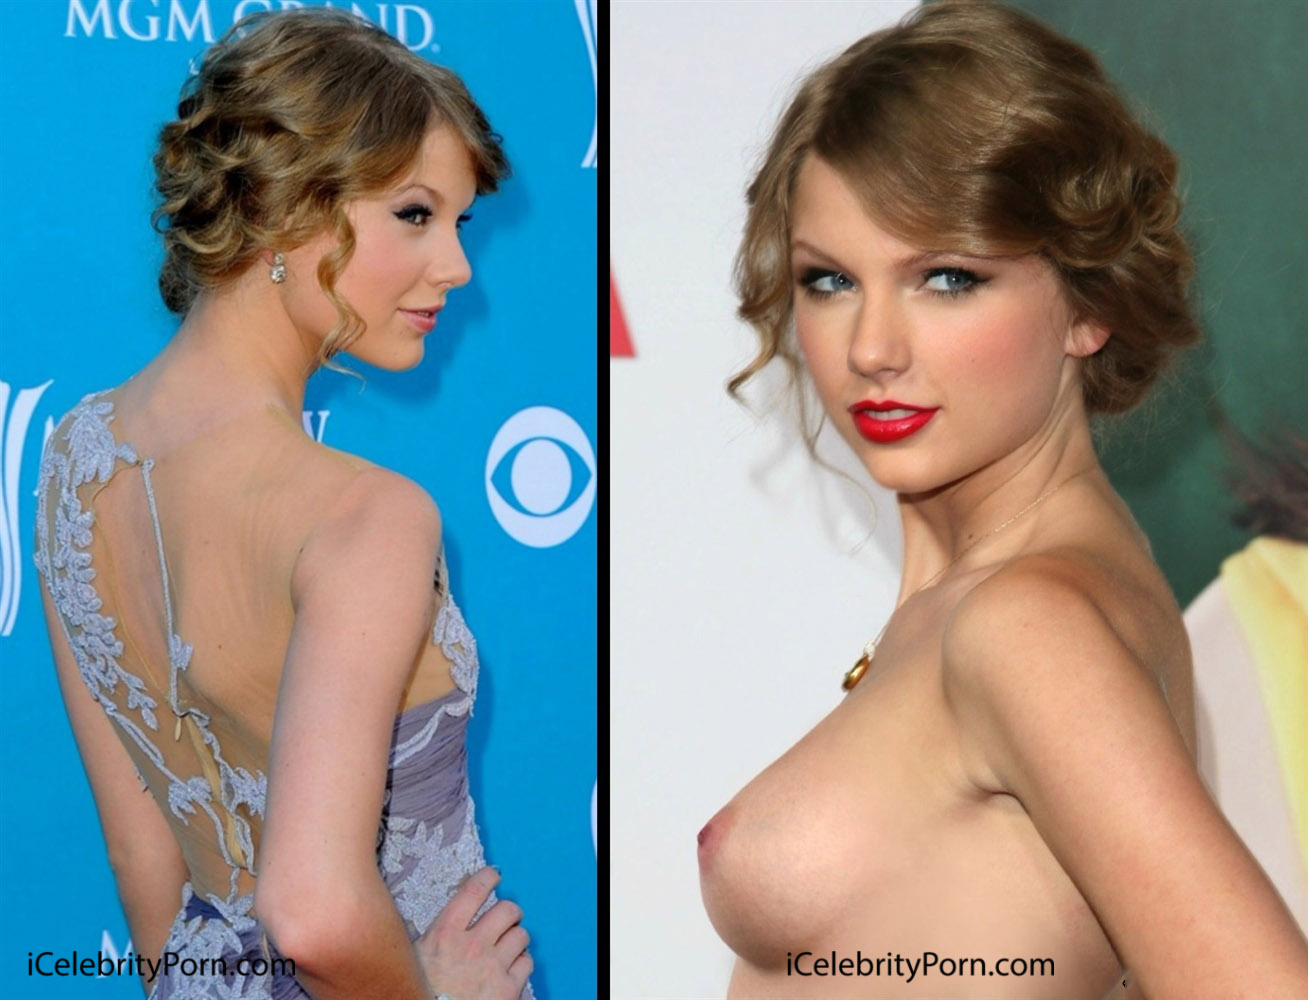 Taylor Swift porno - fotos xxx - porno - sexo - 2017 - iCelebrityPorn - Taylor Swift desnuda - Taylor Swift comiendo polla